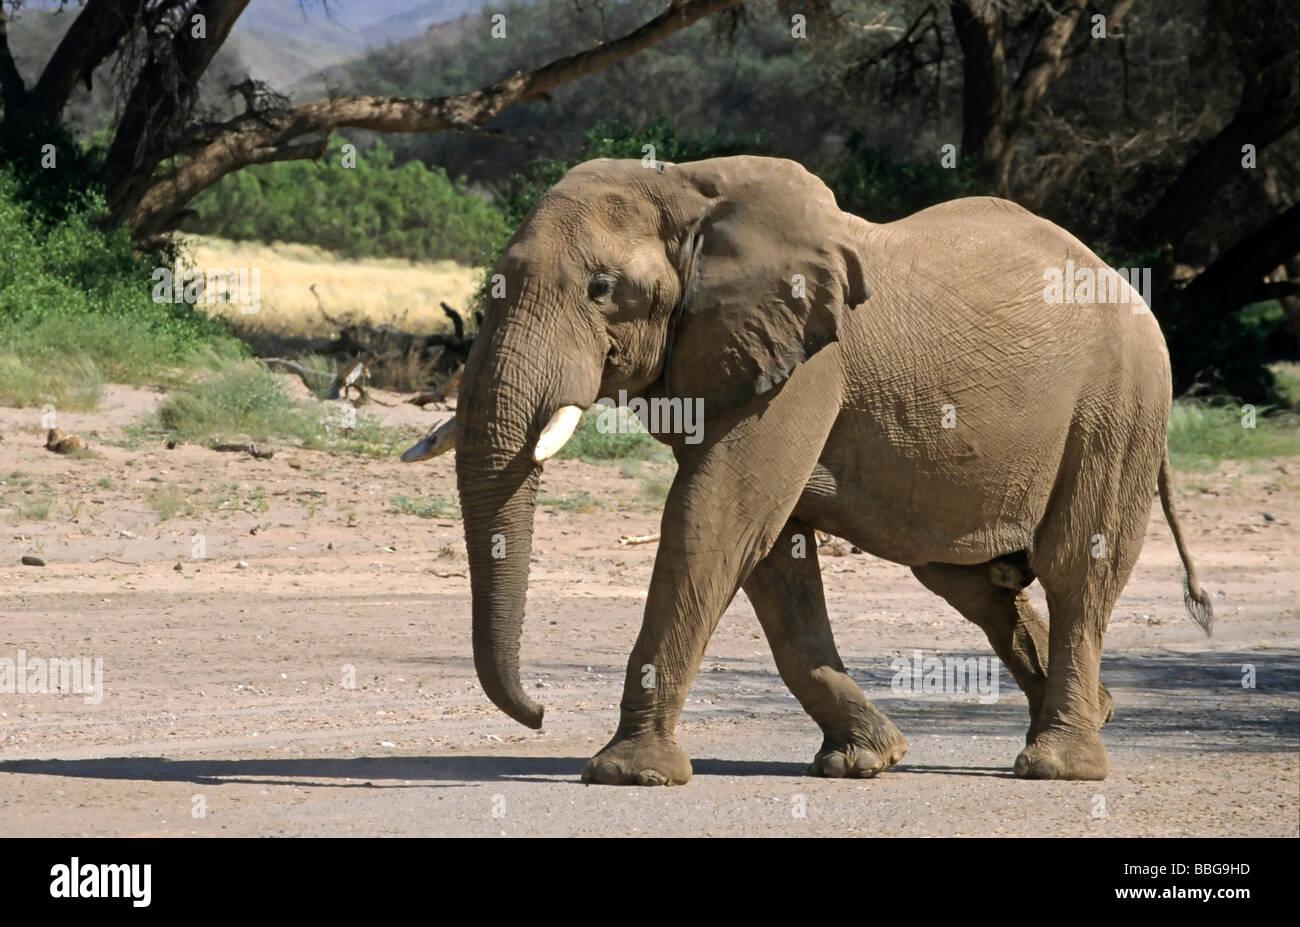 African Bush Elephant (Loxodonta africana), Namibia, Africa Stock Photo